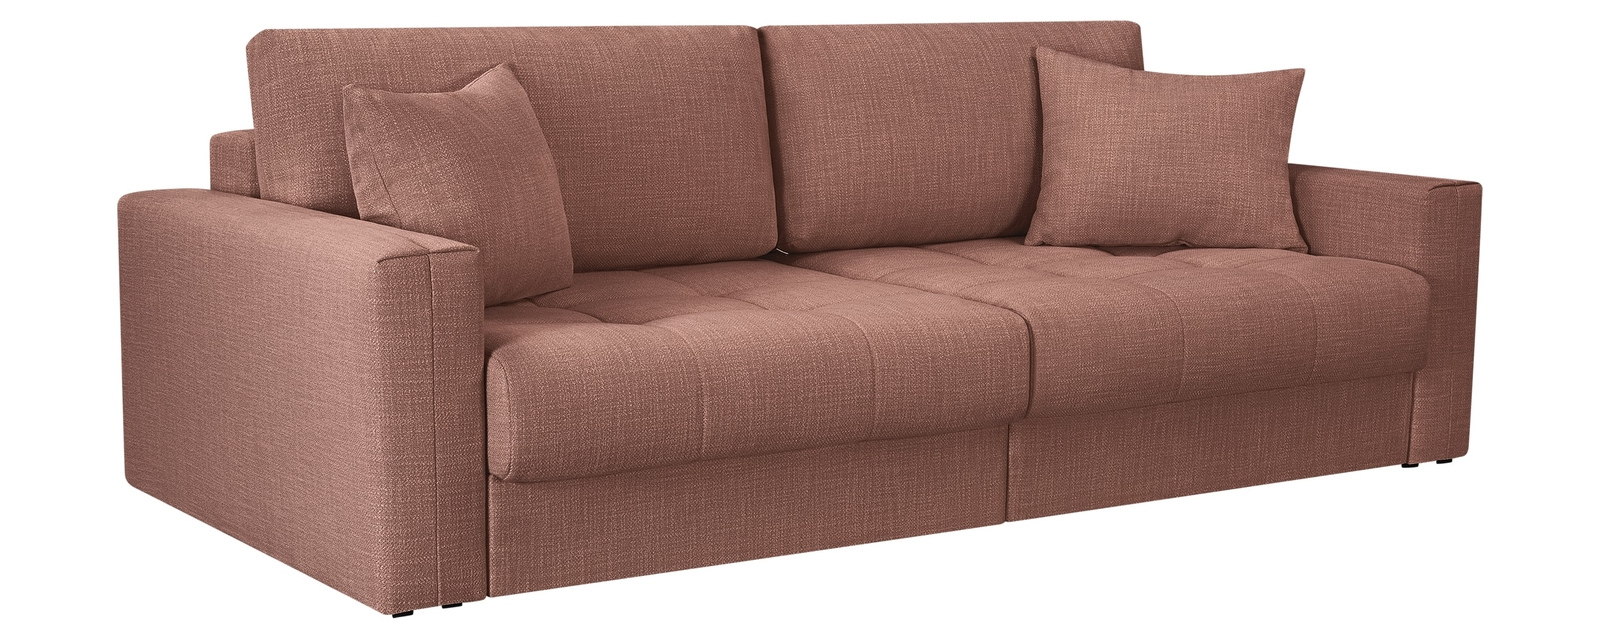 Модульный диван Брайтон вариант №1 Nobilia розовый (Рогожка) HomeMe